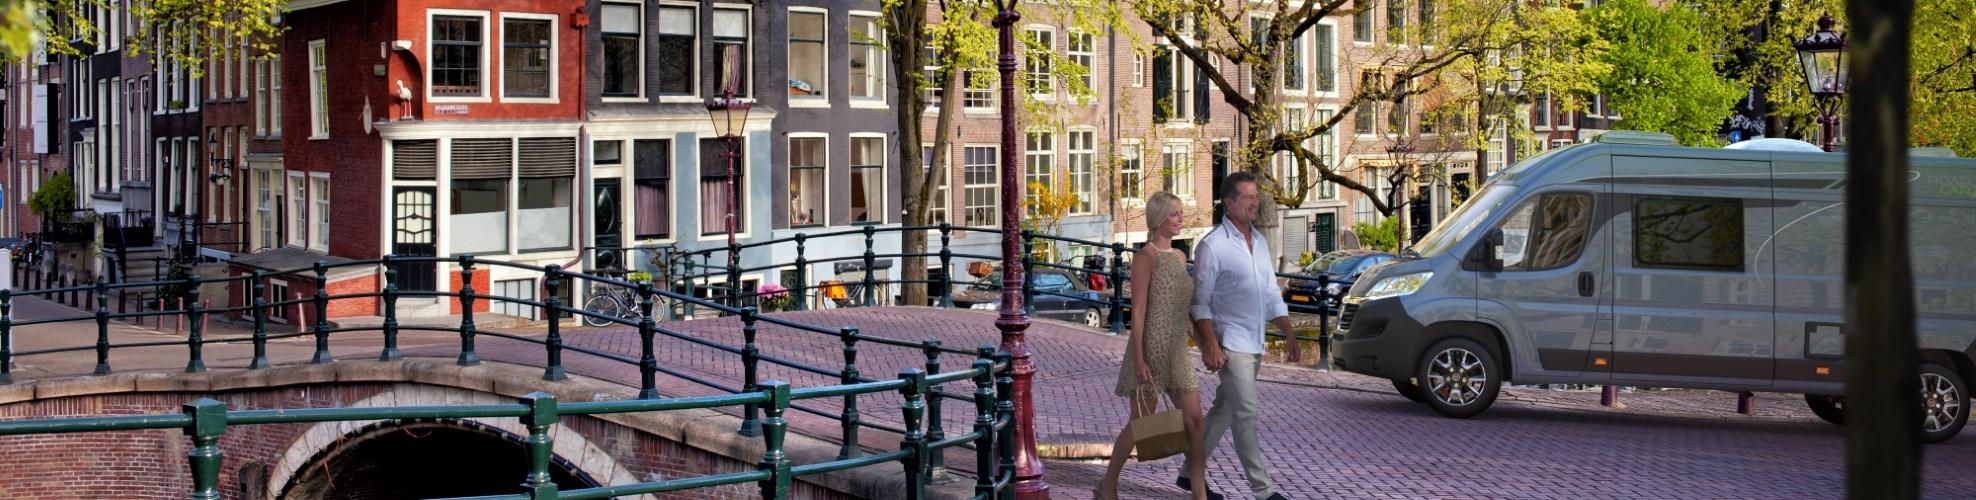 Roadcar v Amsterdame